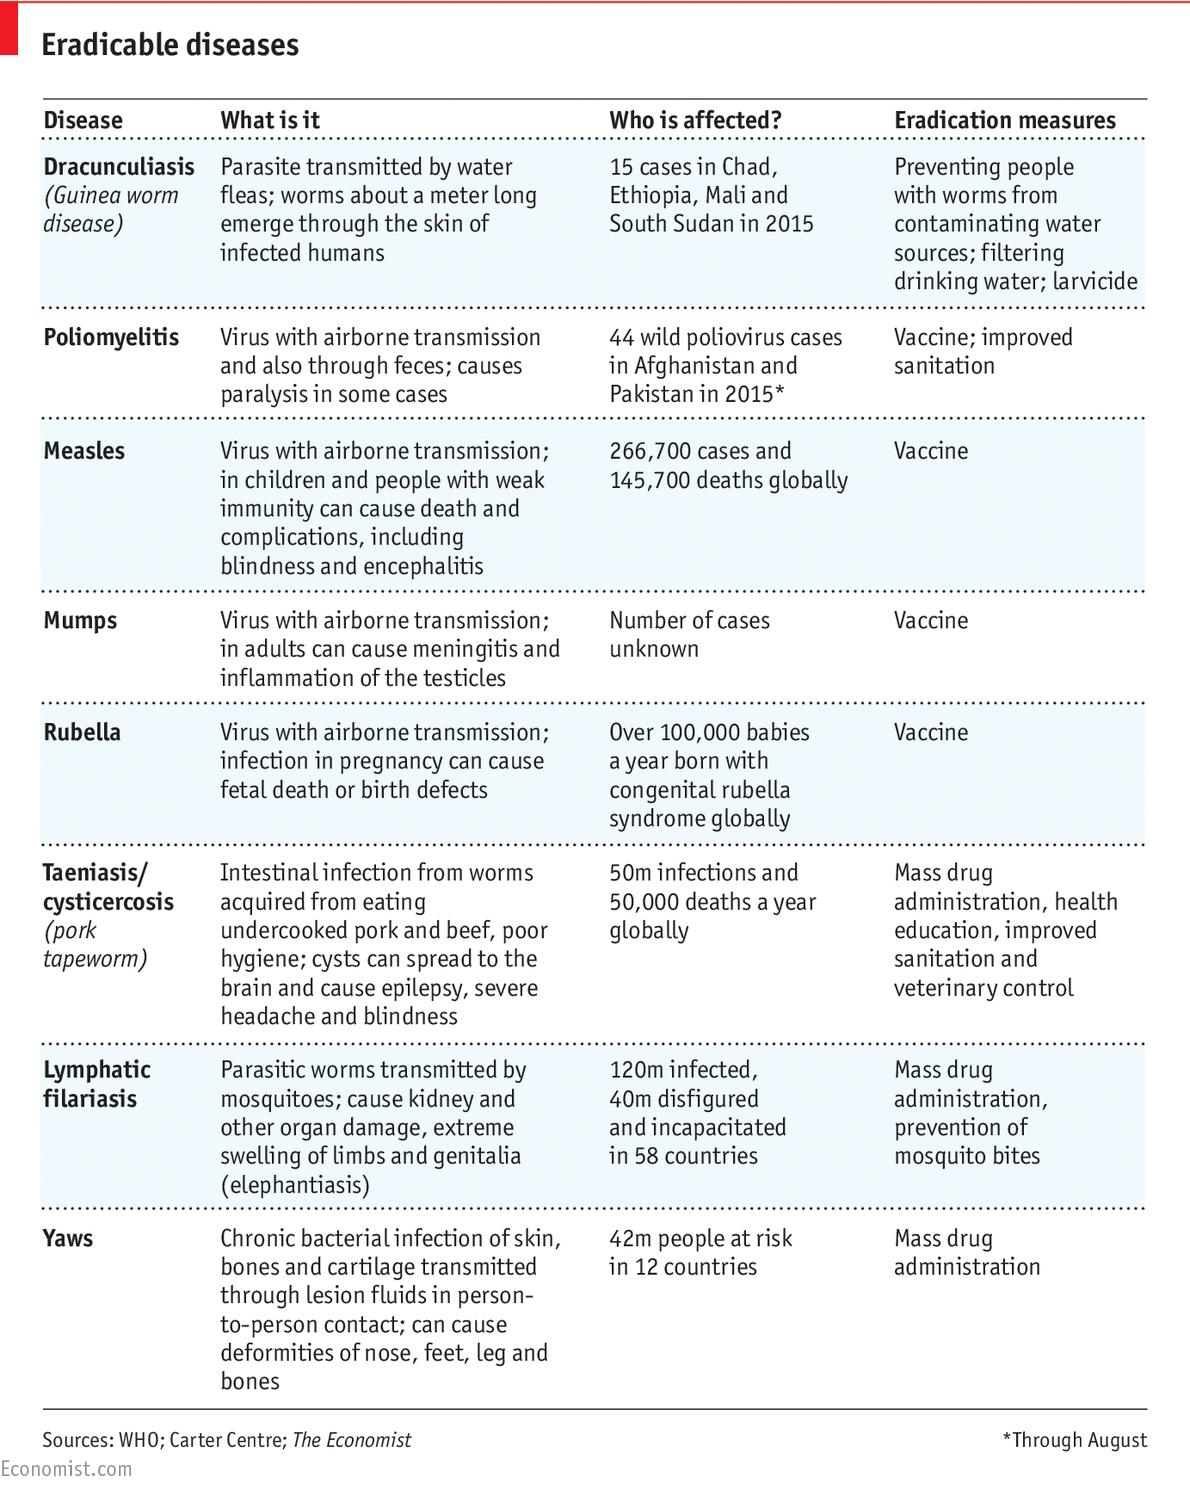 what makes a disease eradicable - the economist explains